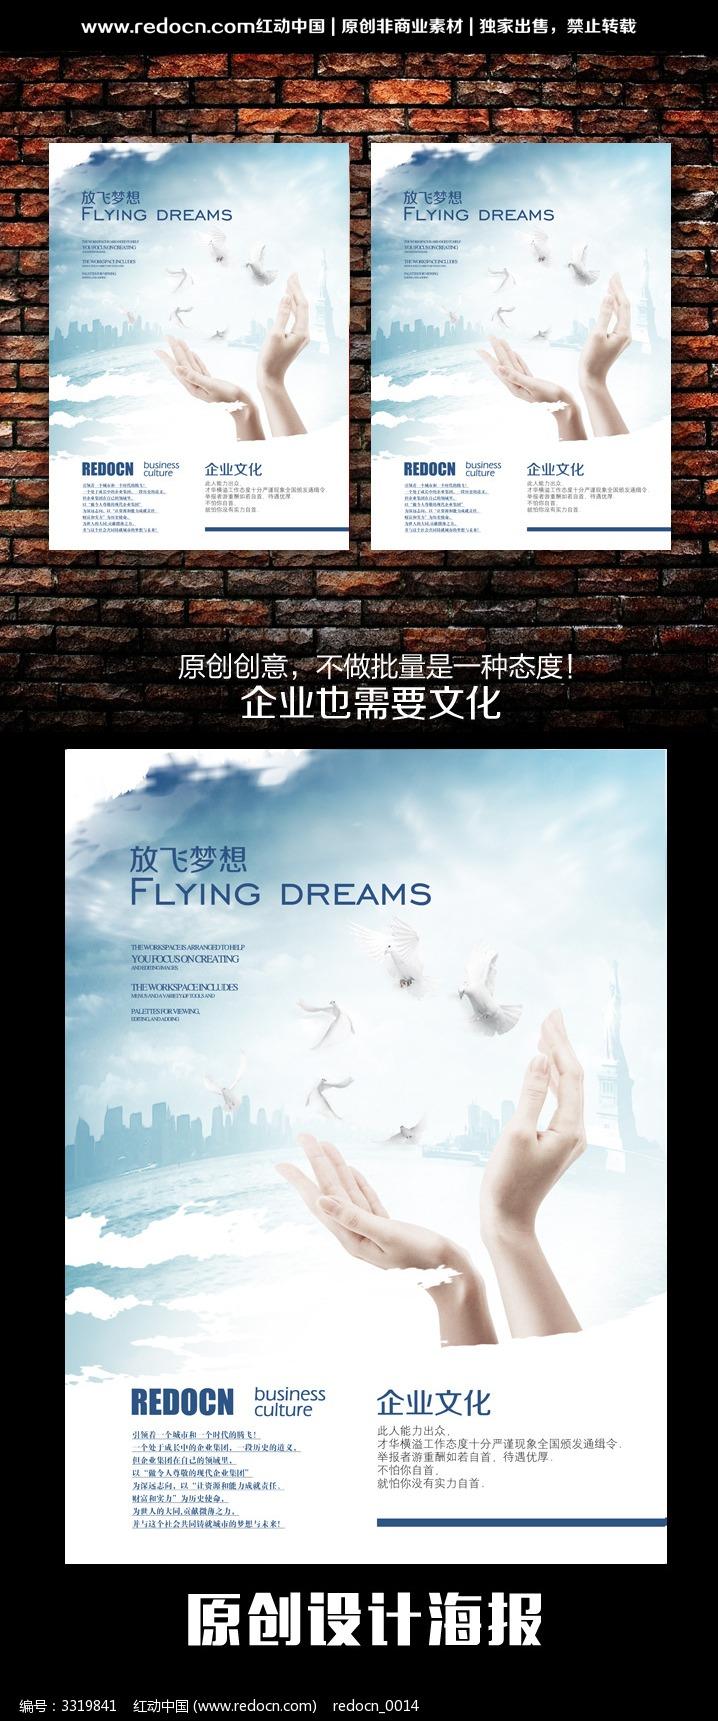 放飞梦想企业文化展板模板图片